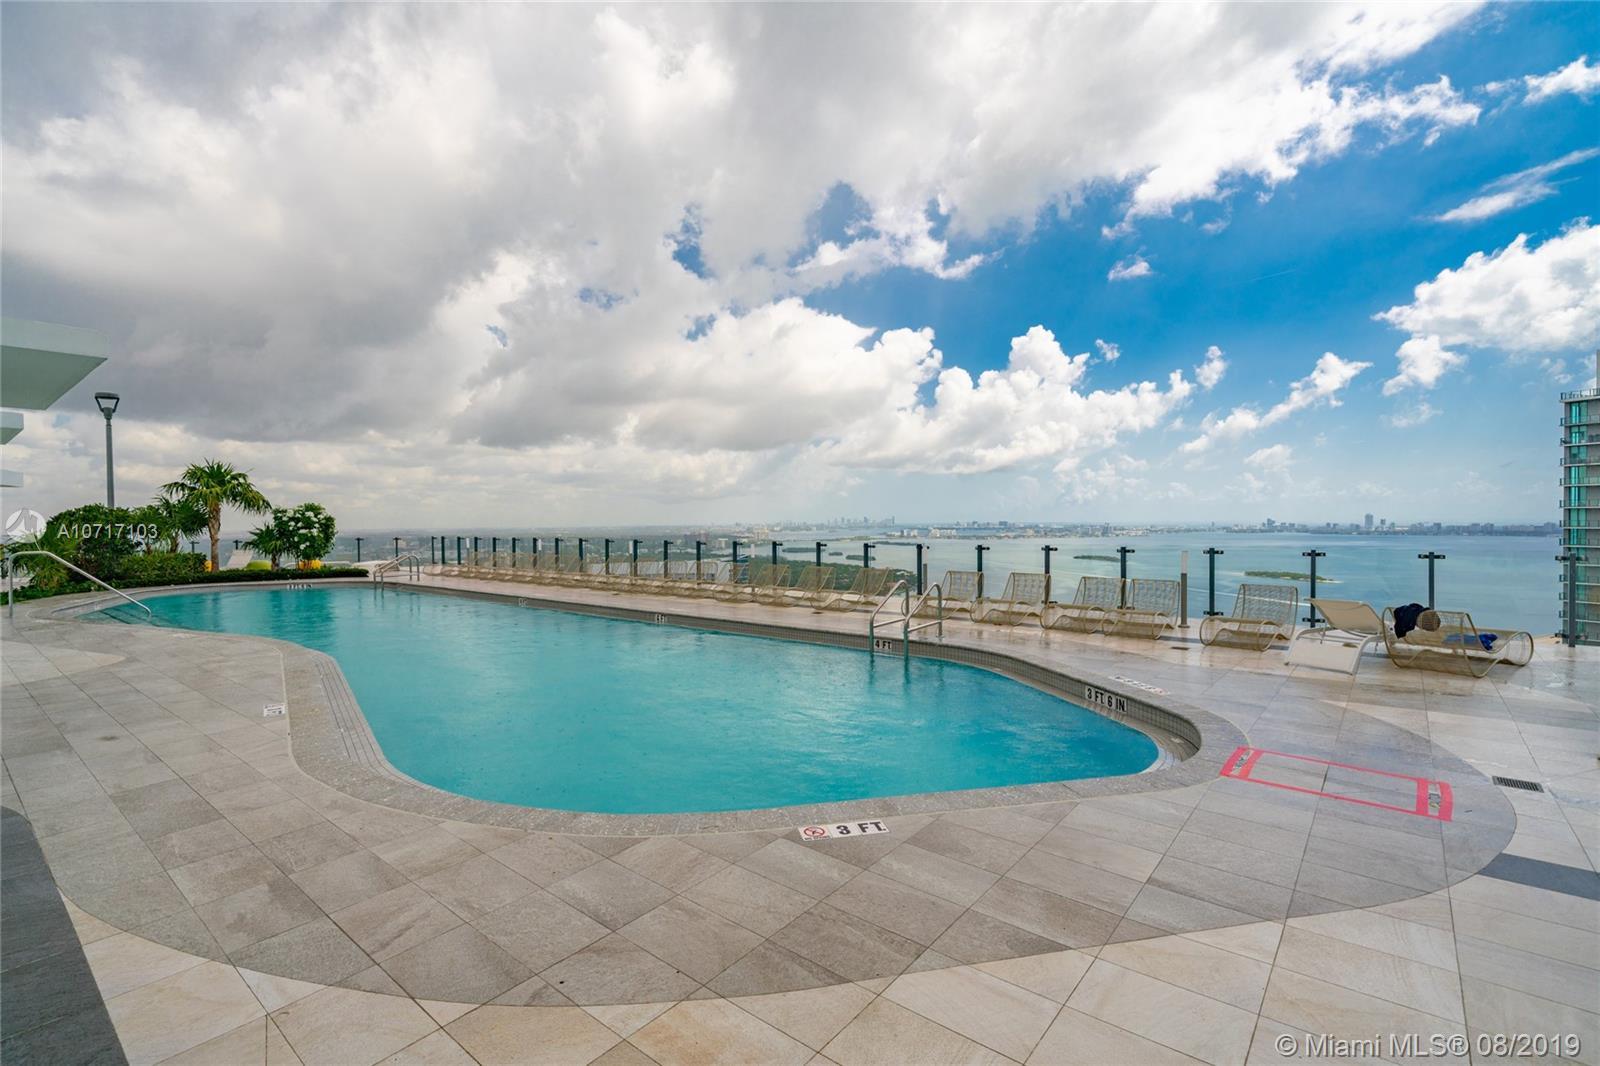 501 NE 31st street, 4007 - Miami, Florida